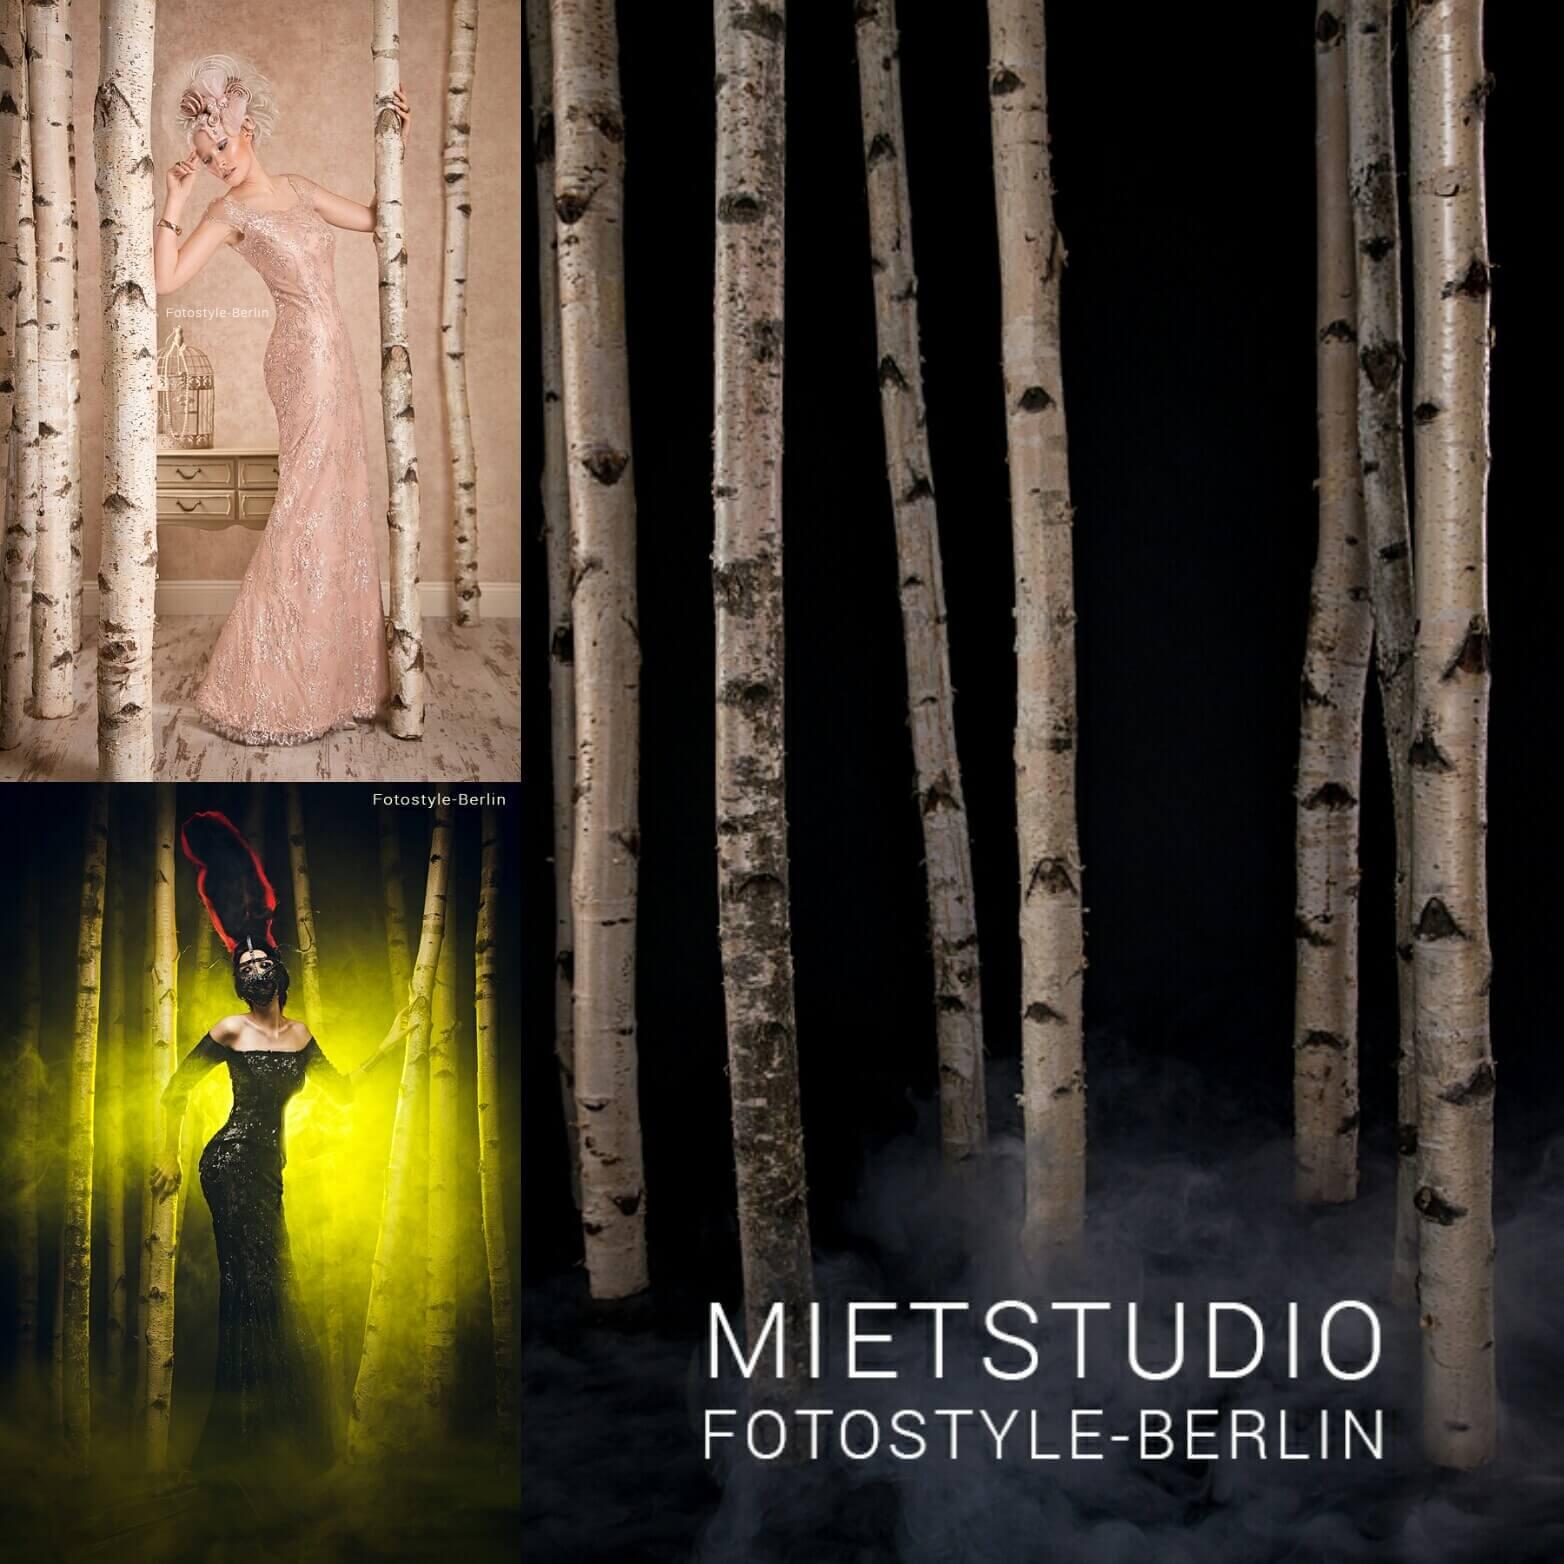 fotostudio in berlin mieten Birkenwald - Mietstudio in Berlin - Fotostudio mieten - Fotostyle Berlin